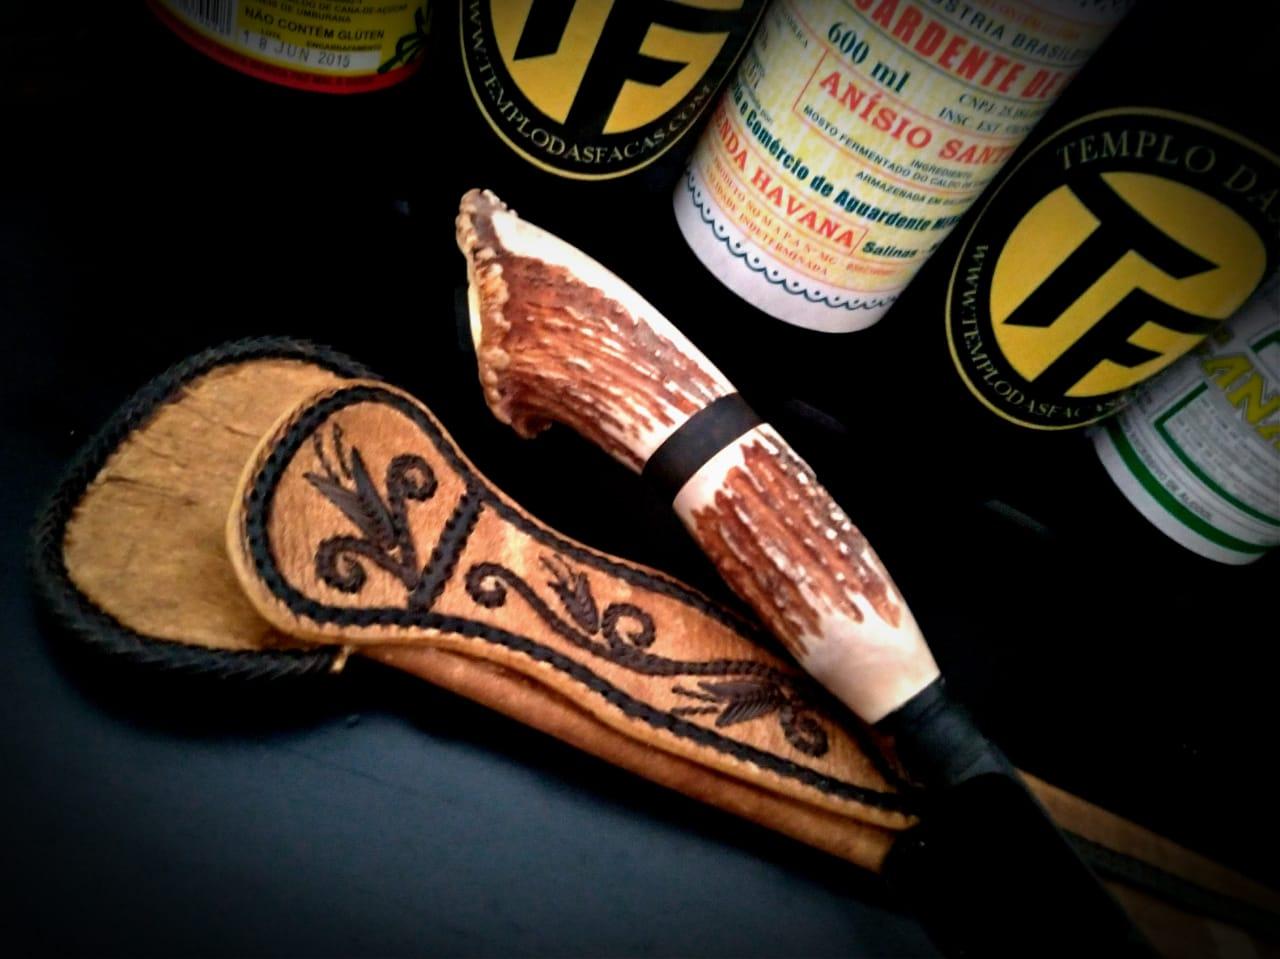 Faca artesanal forjada negra aço carbono  cervo axis coroado 12 polegadas